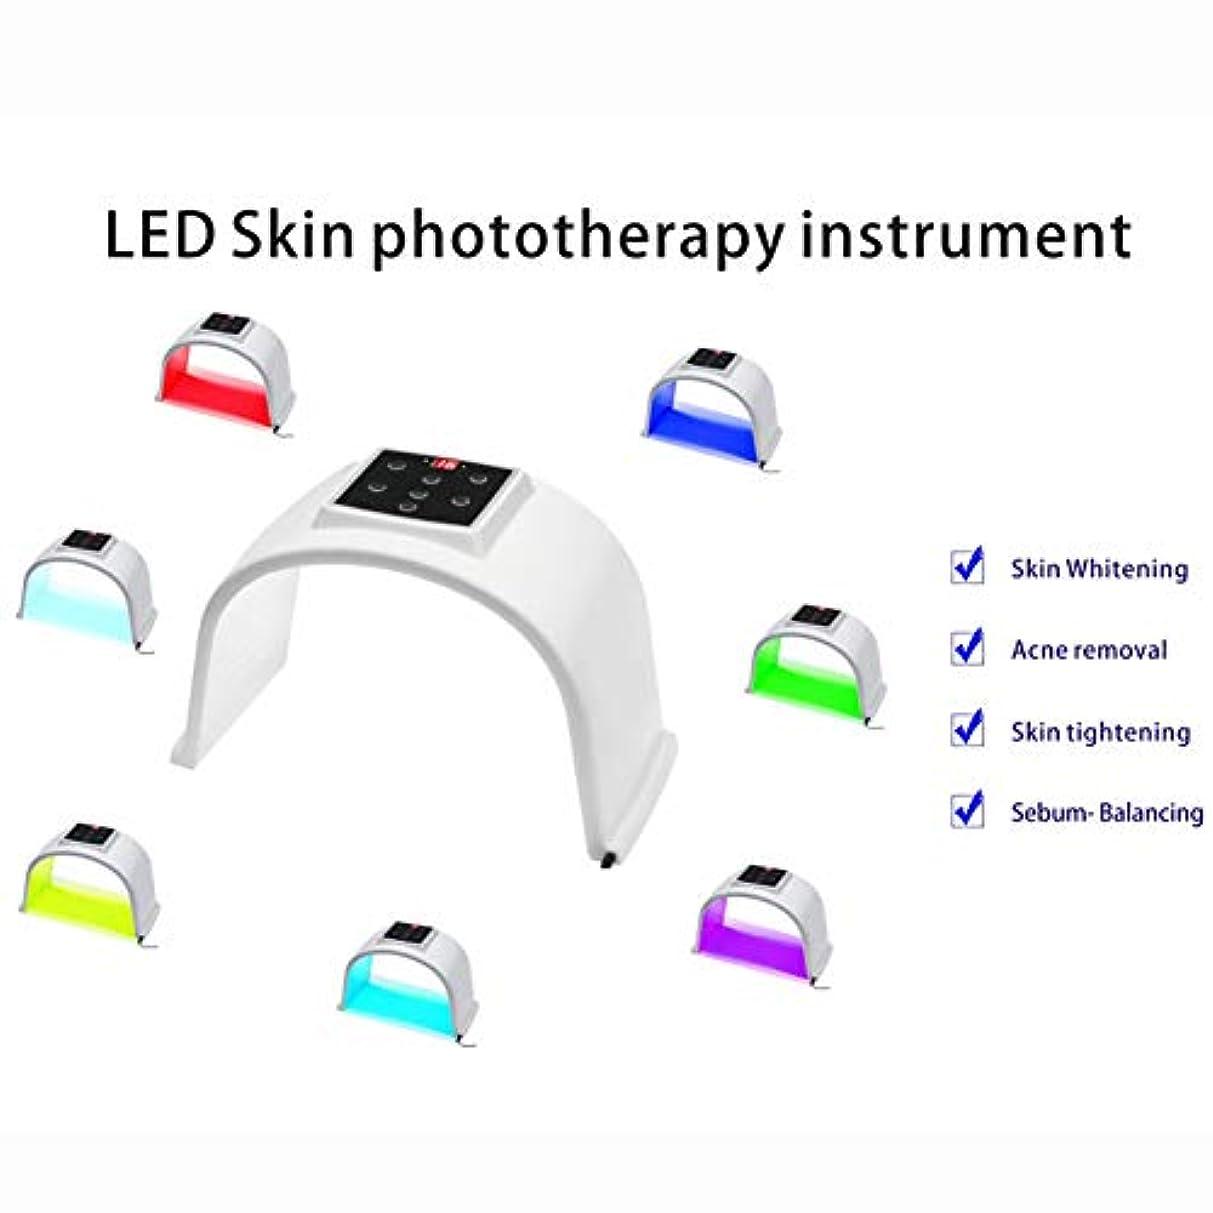 つかむピラミッド発疹7色LED肌の光線療法の器械、7色LEDの顔のマスク、人及び女性の老化防止/皮の若返り/にきびの減少PDT光線療法のDermatometer